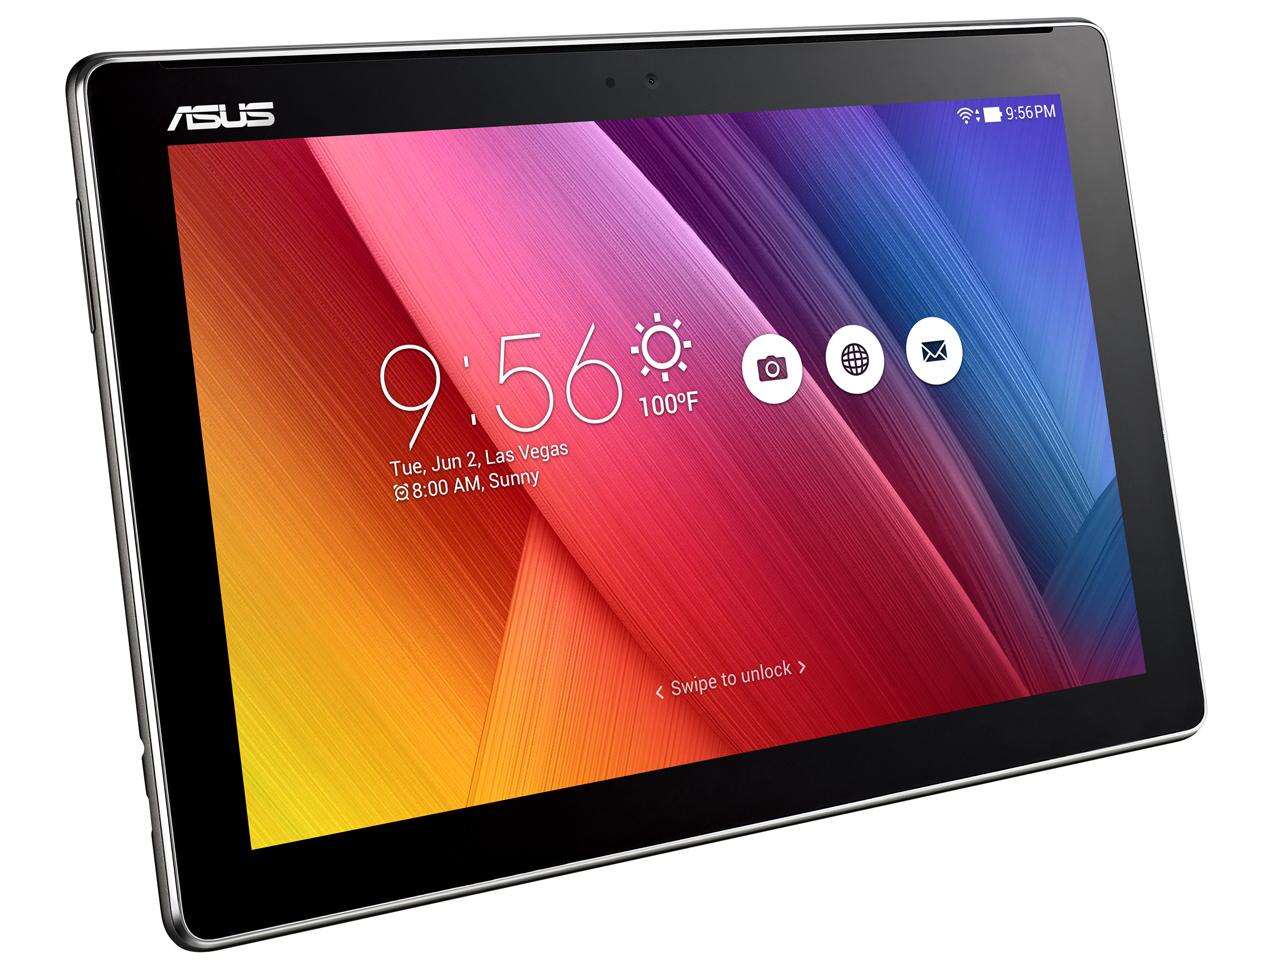 『本体』 ASUS ZenPad 10 Z300C-BK16 [ブラック] の製品画像